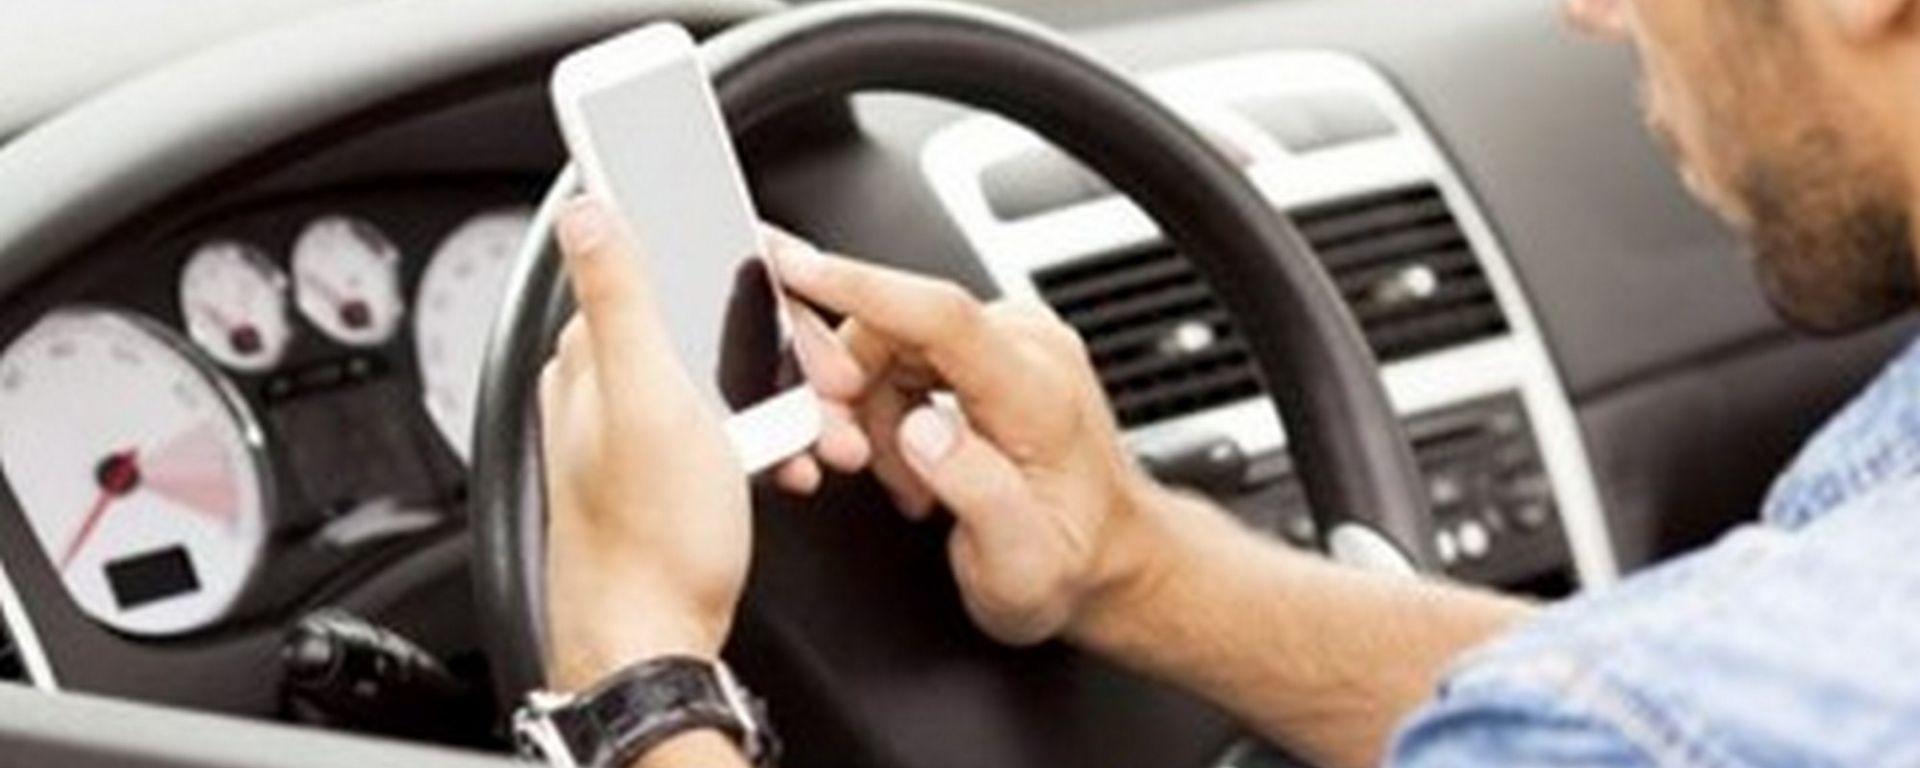 Cellulare alla guida, prosegue la battaglia del Governo